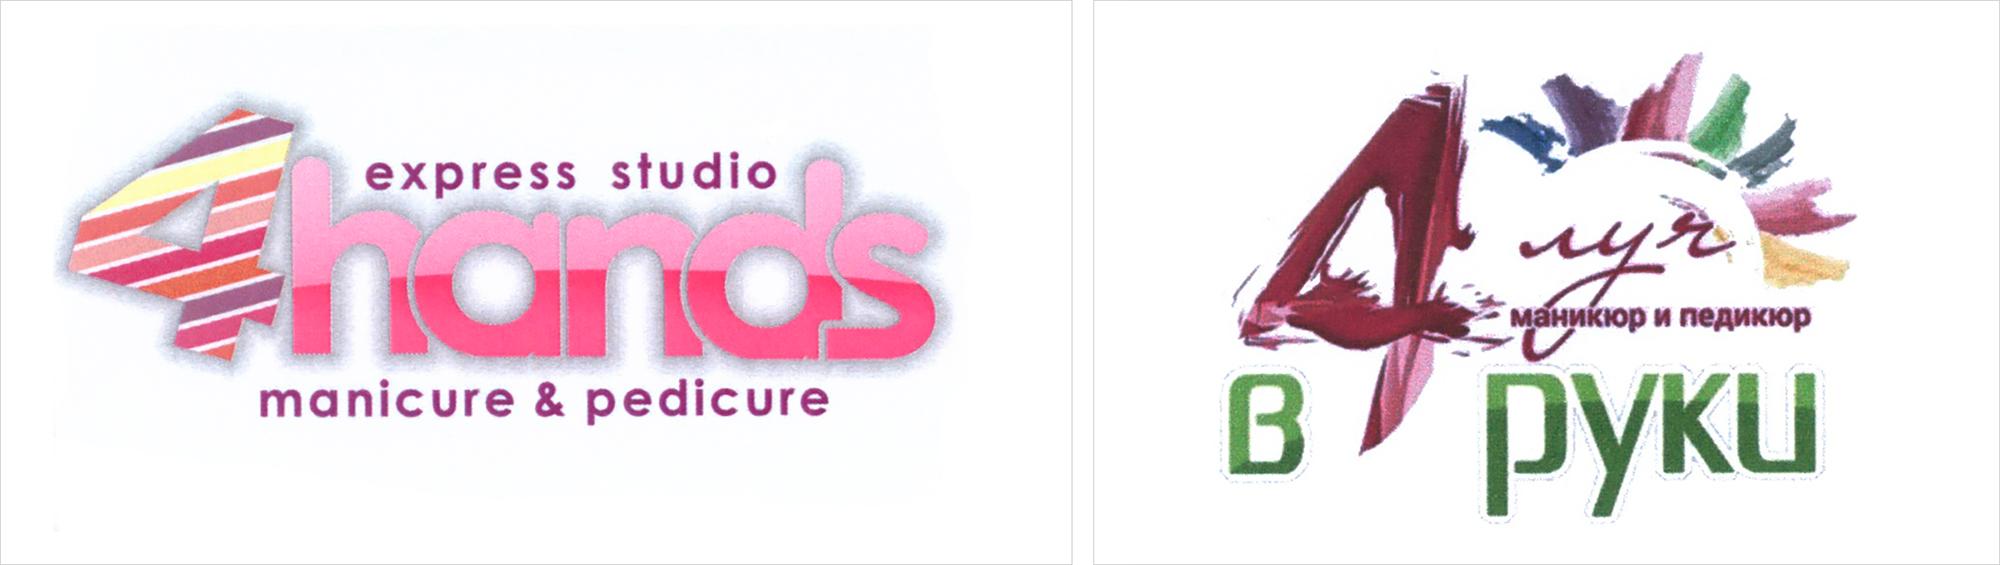 Слева логотип компании-истца, справа логотип маникюрного салона ответчика. Истец считает, что логотип справа слишком похож на логотип слева, поэтому ответчик должен заплатить 600 000 рублей компенсации и перестать использовать логотип справа. Ответчик считает, что логотипы не похожи и никакого нарушения нет